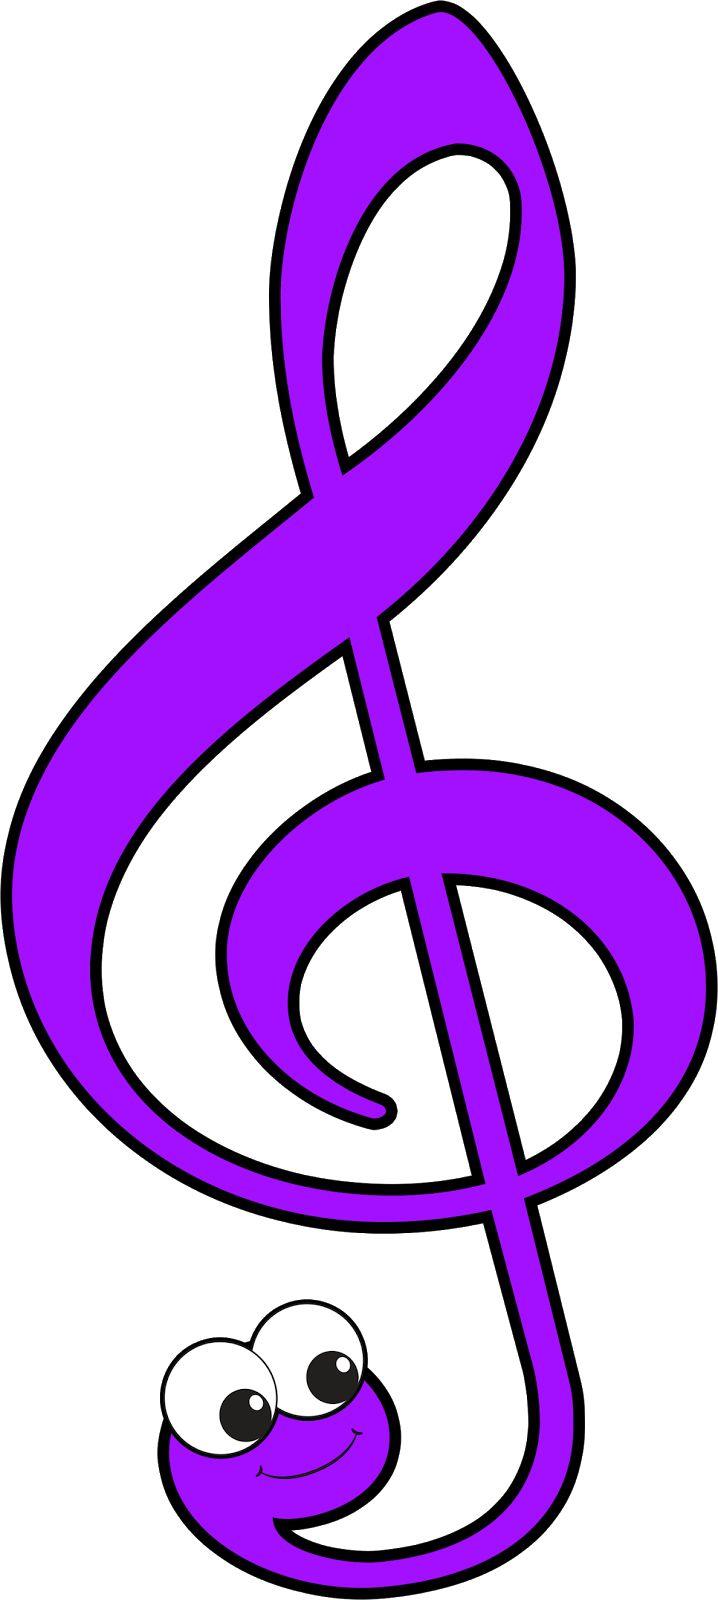 Purple_music_0006_treble_group+copy.png (718×1600)